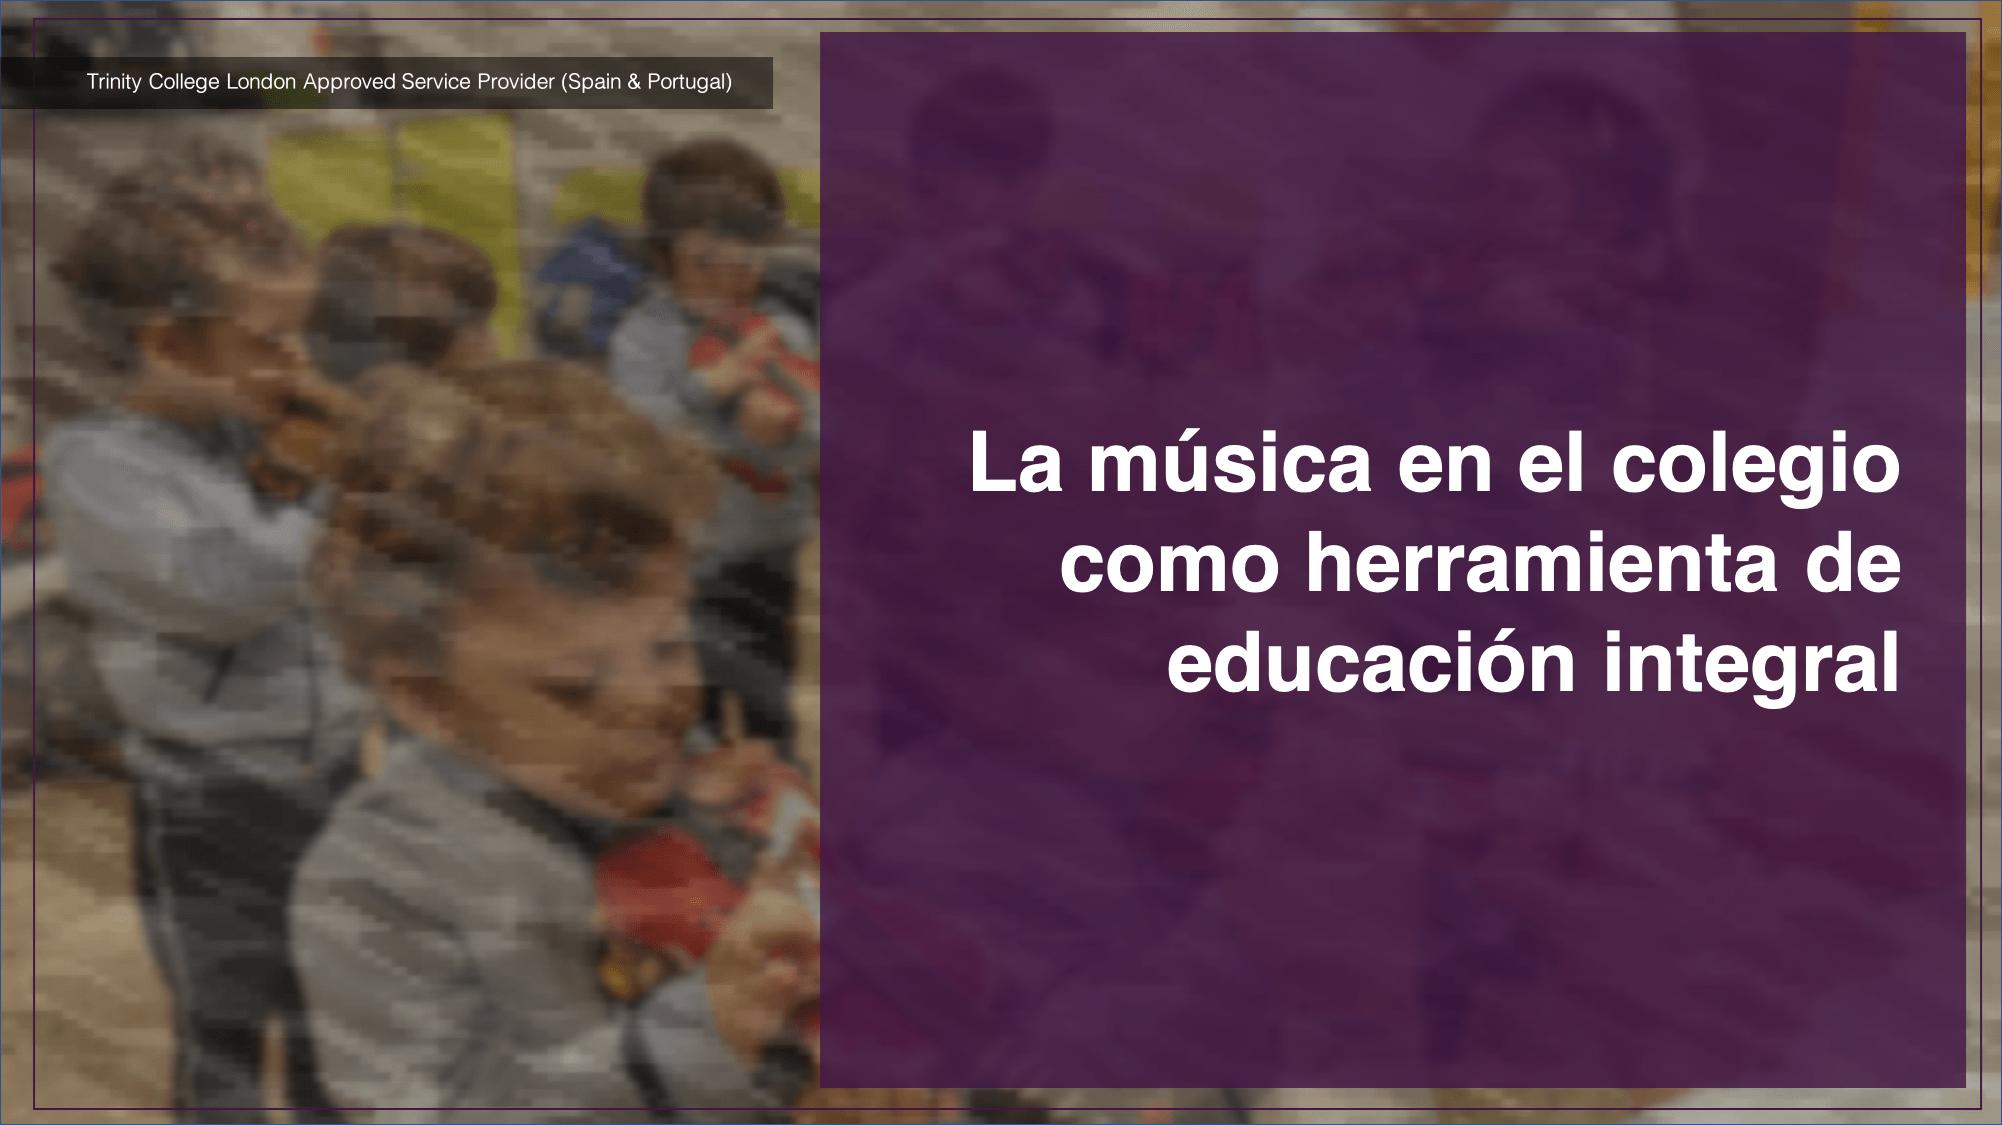 La música en el colegio como herramienta de educación integral